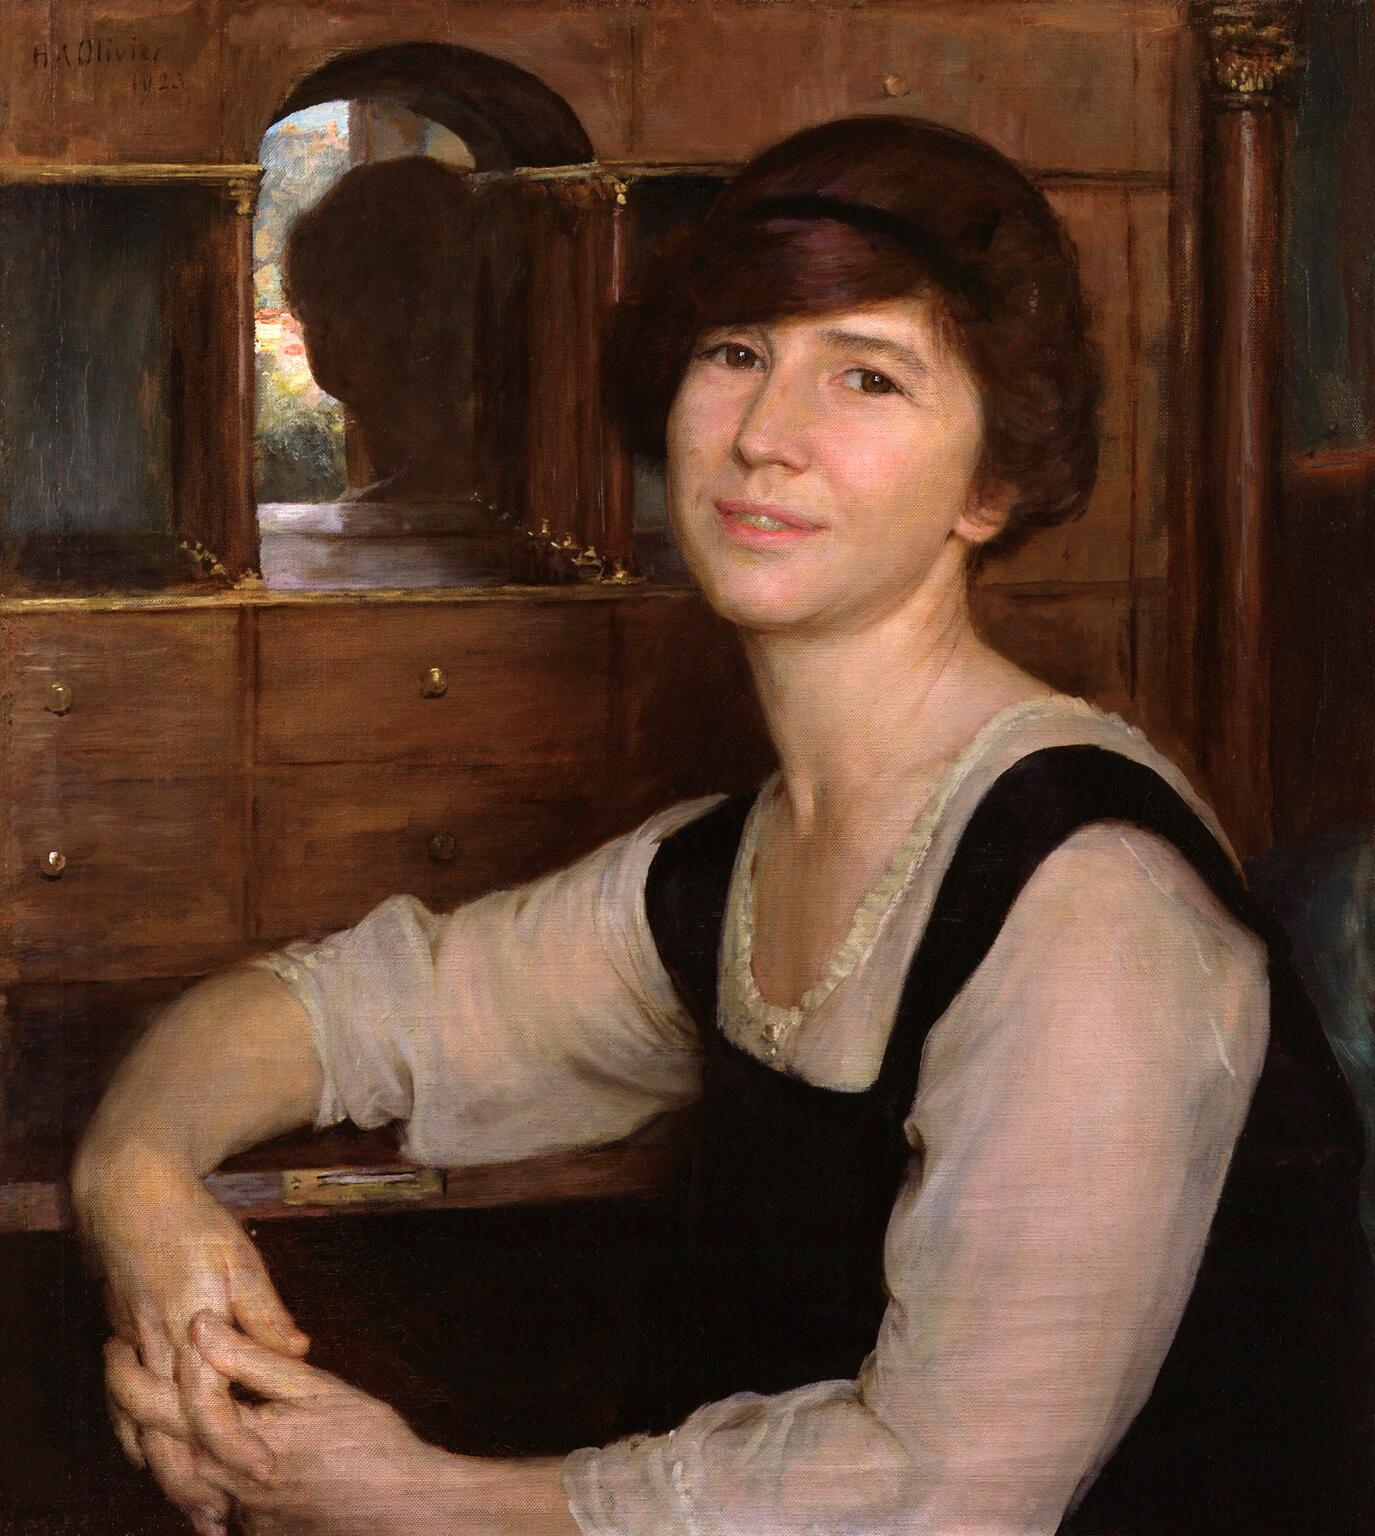 Image of Freya Stark from Wikidata